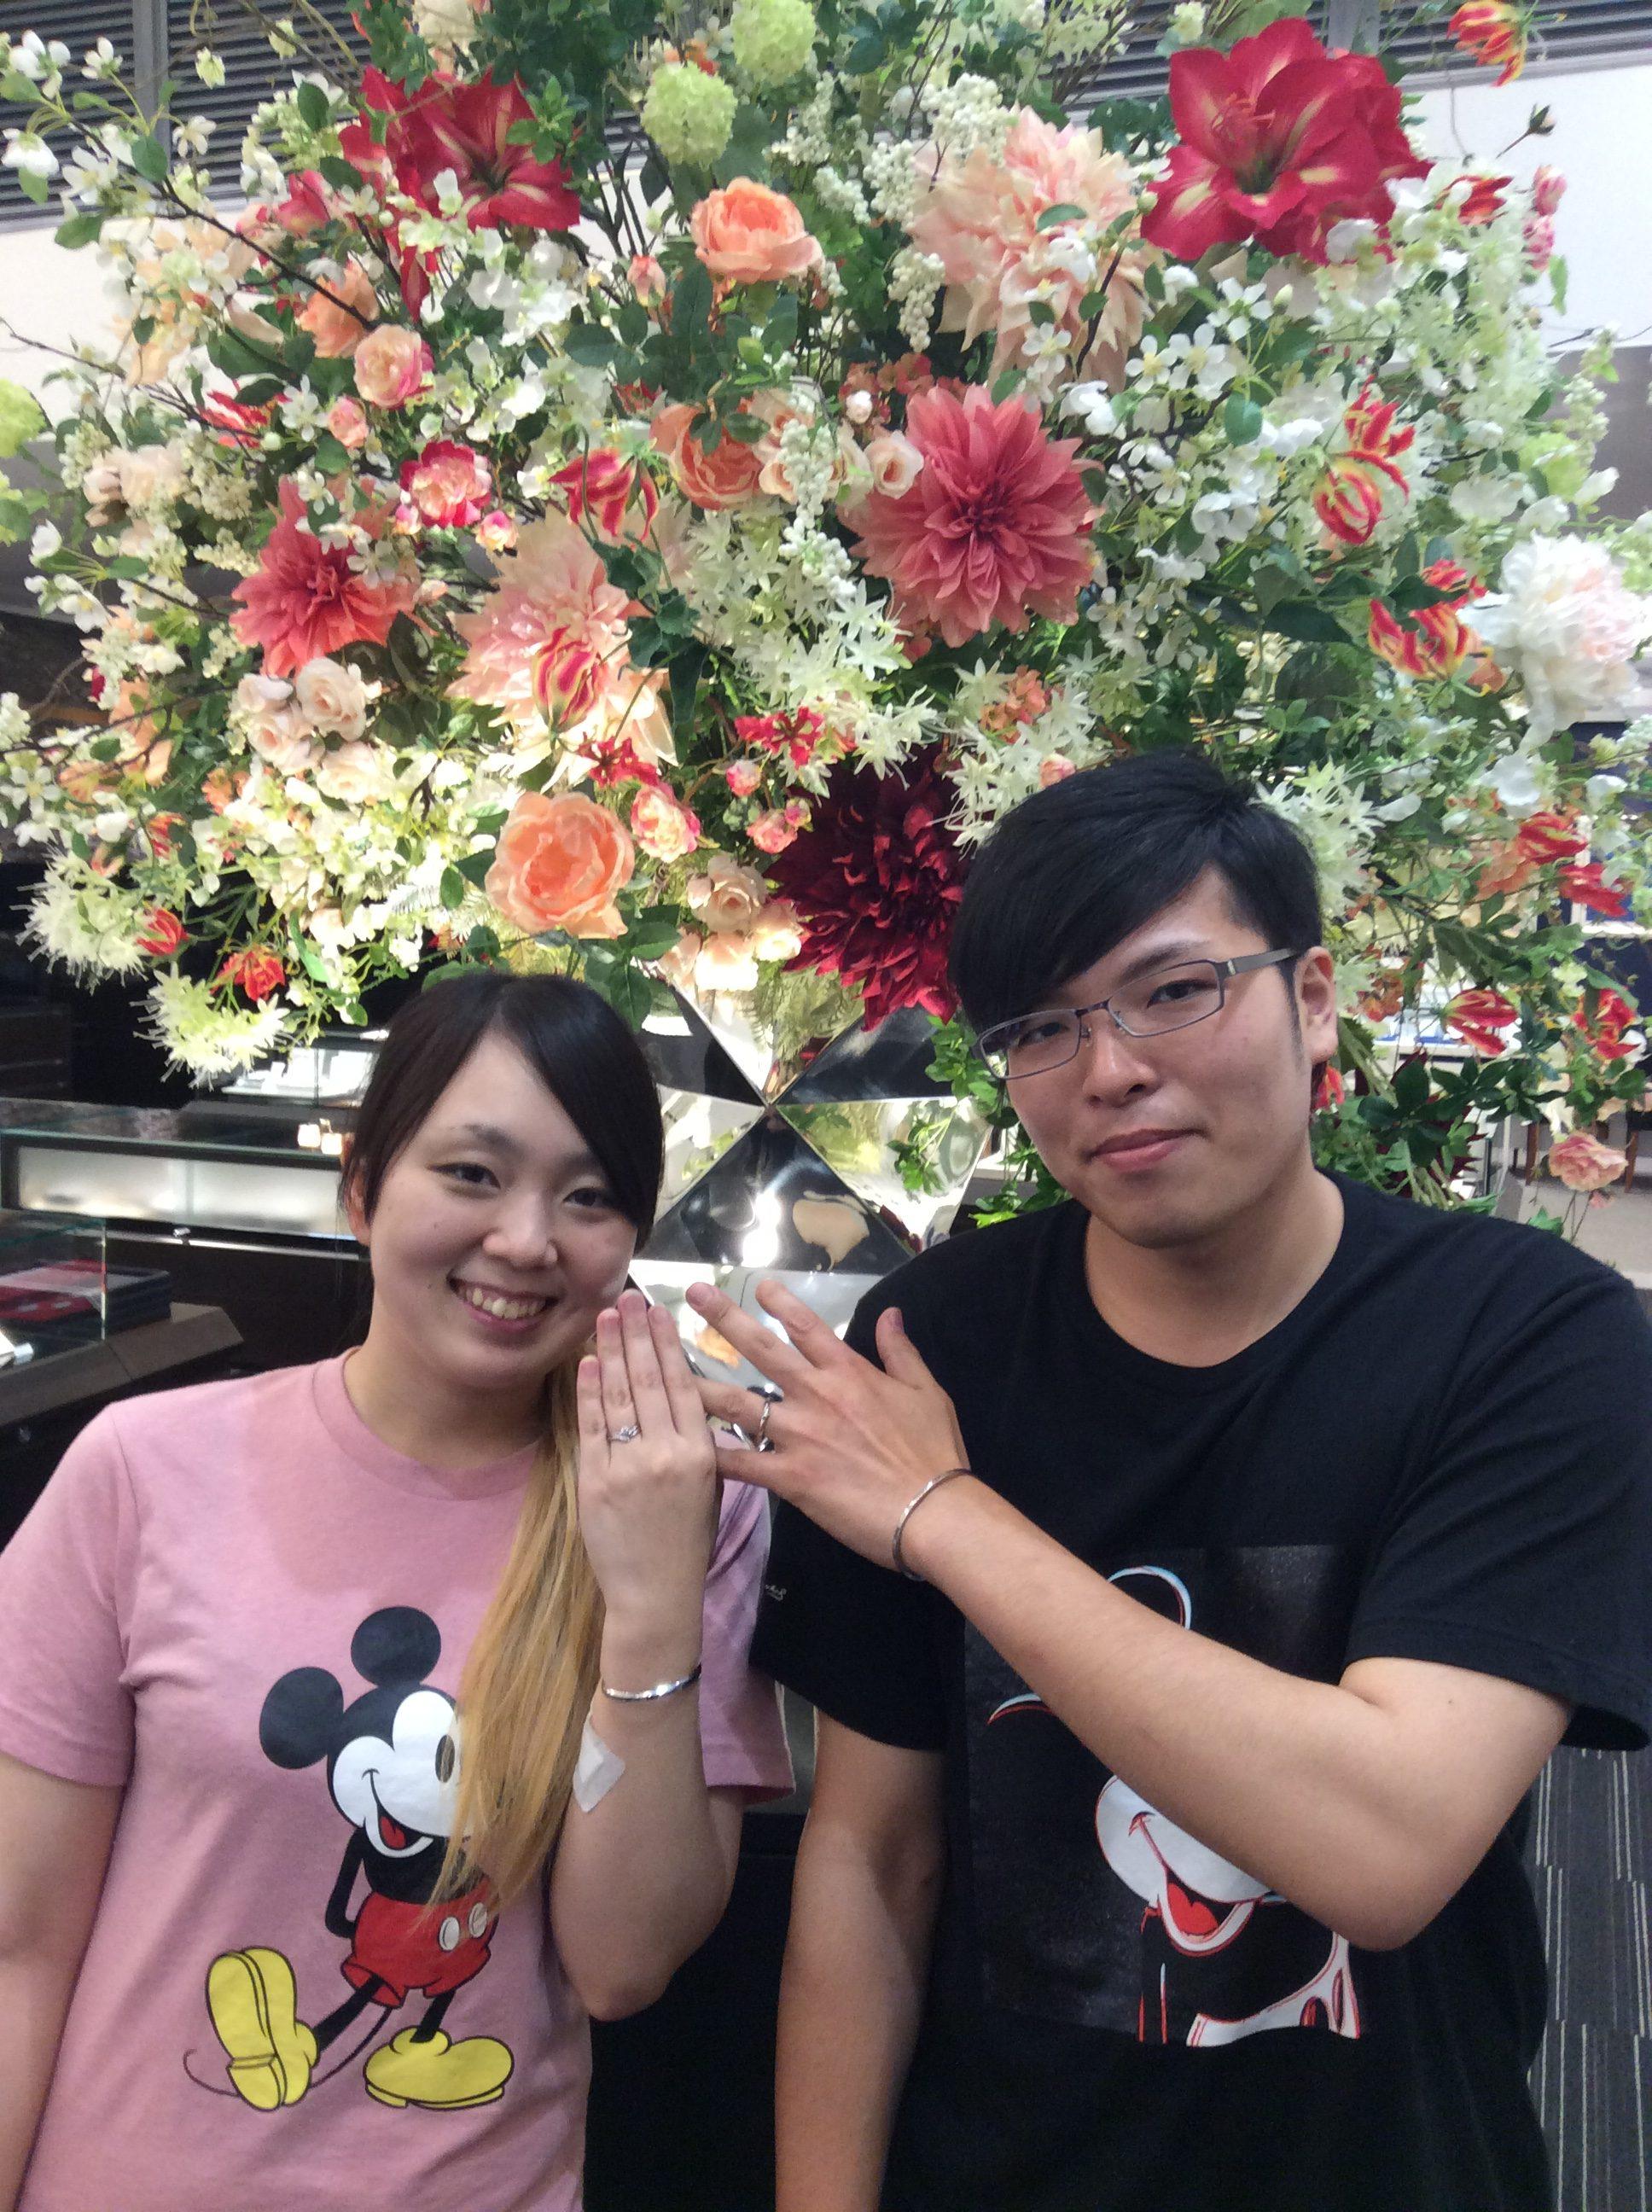 【結婚指輪 婚約指輪】俄(にわか)「ことのは&初桜」をご成約/栗山詢様&島村若菜様